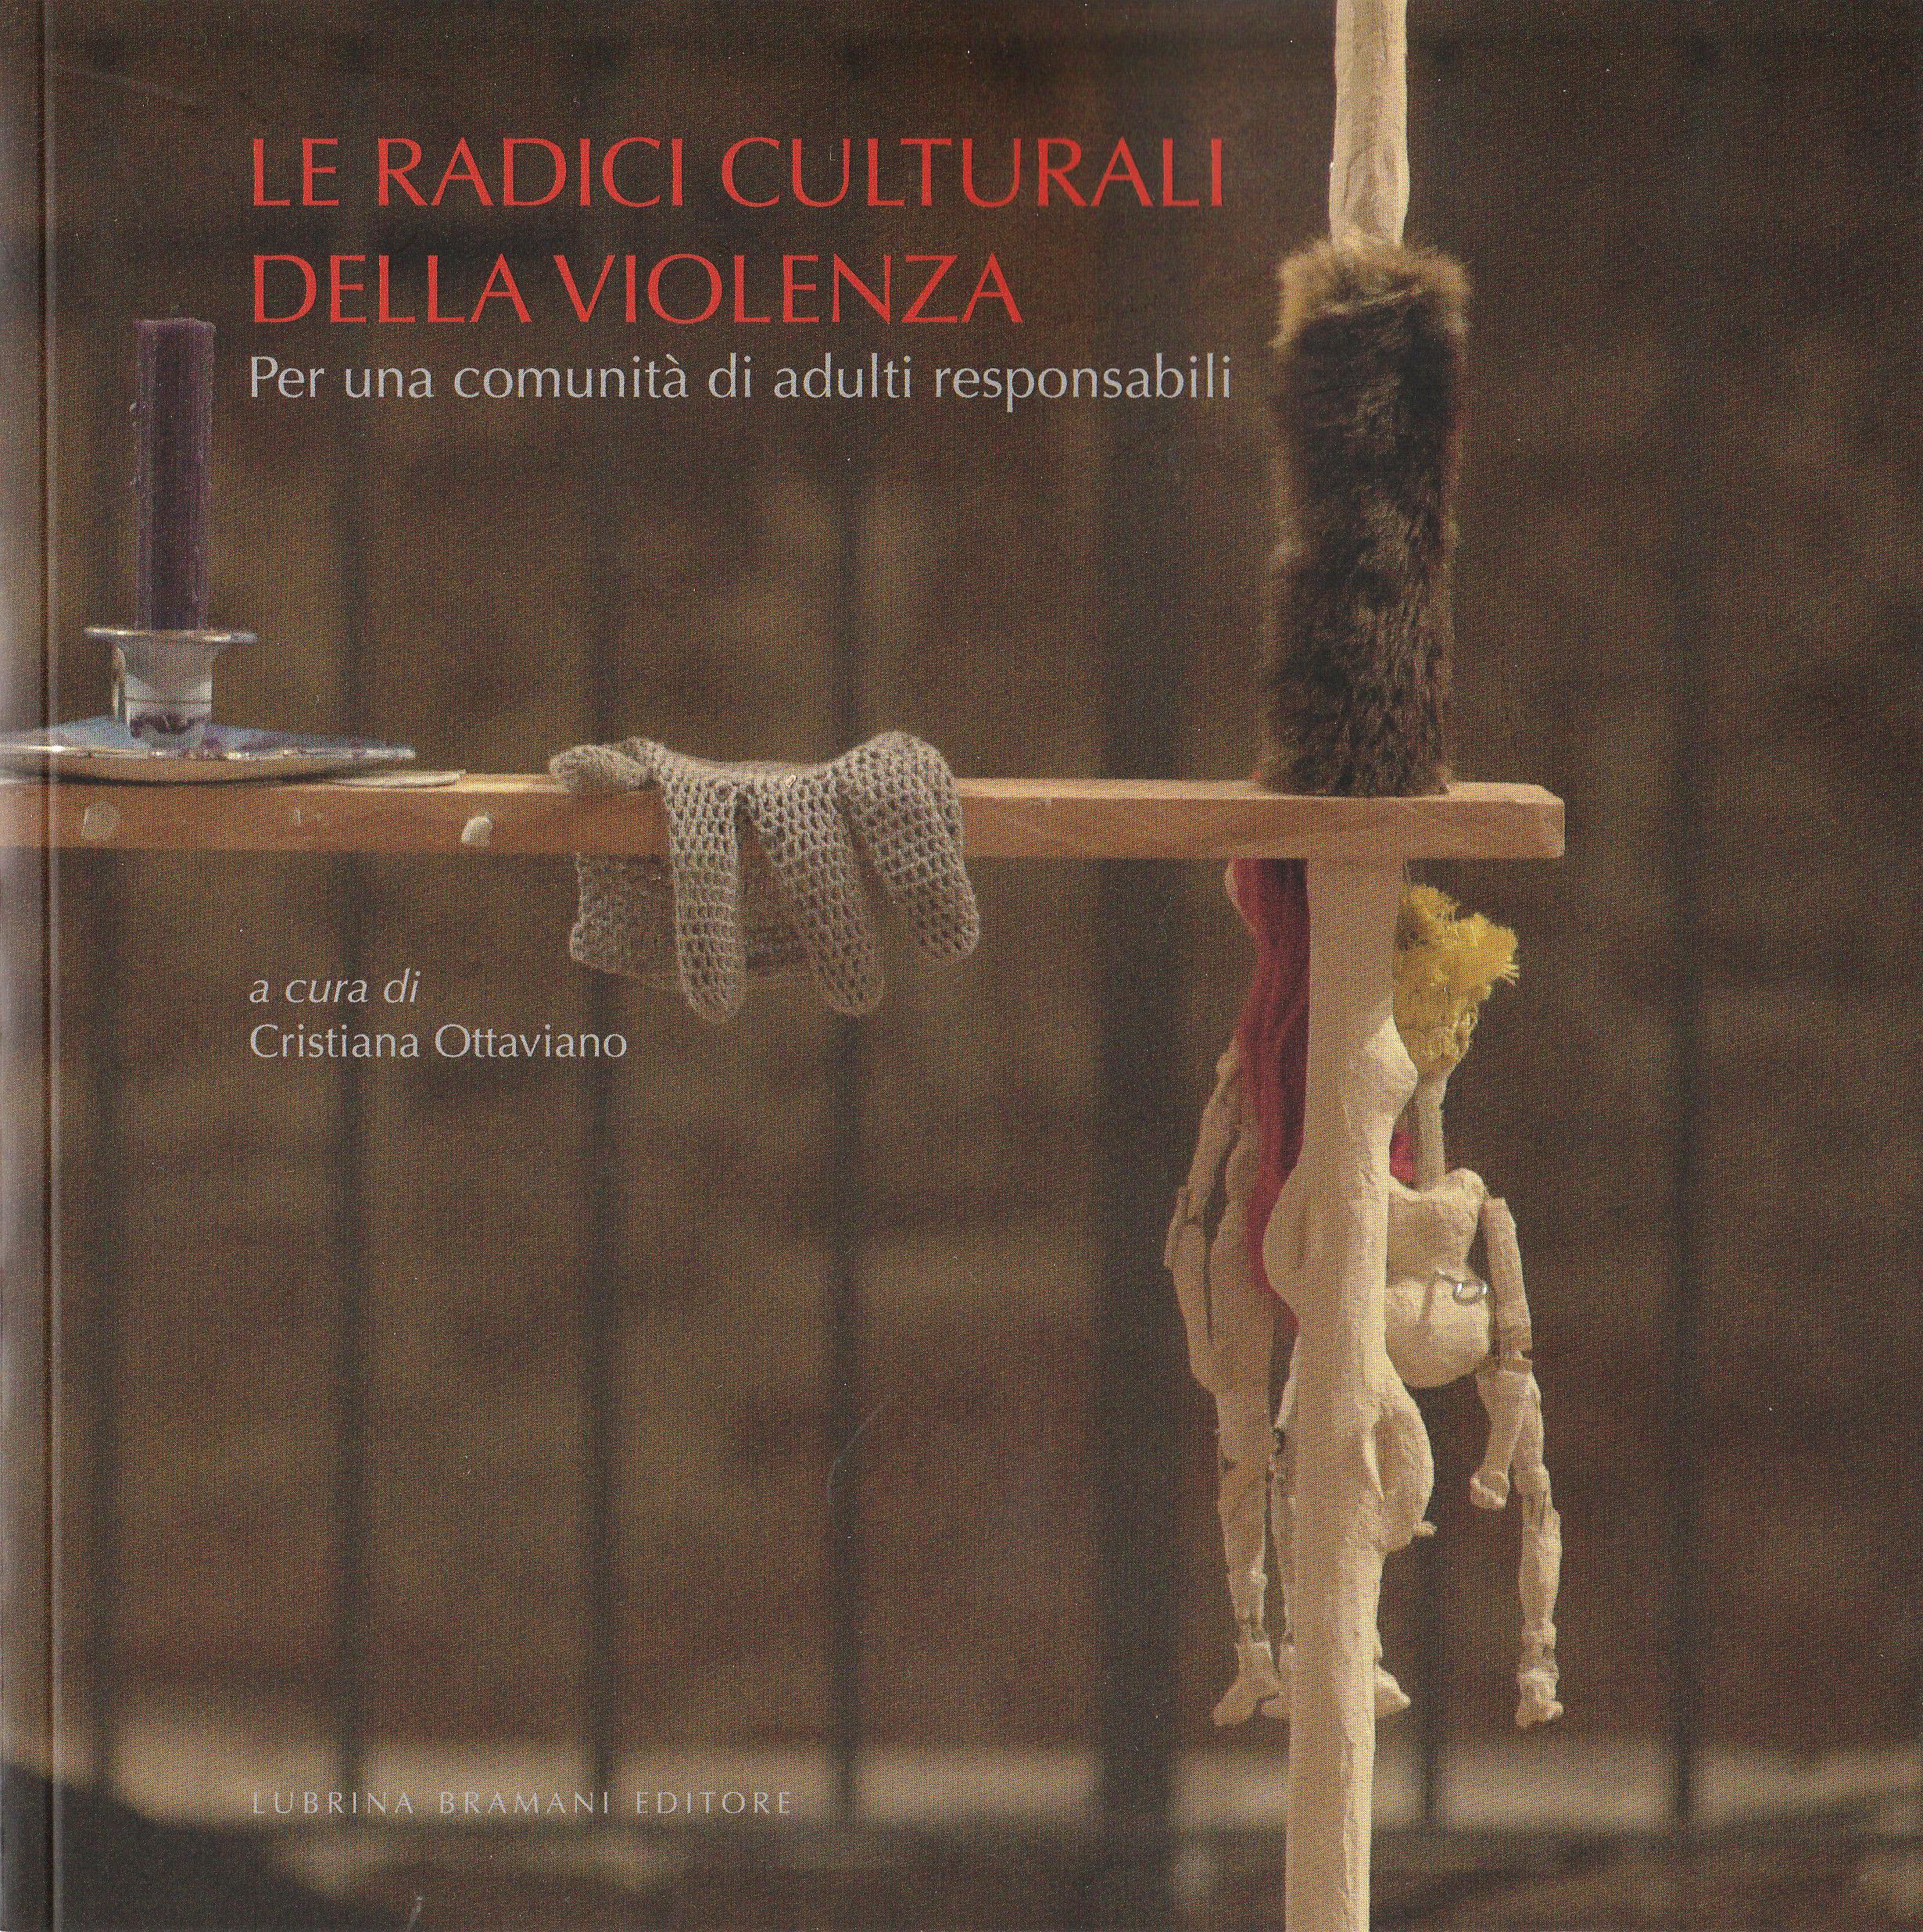 Libro - Le radici culturali della violenza